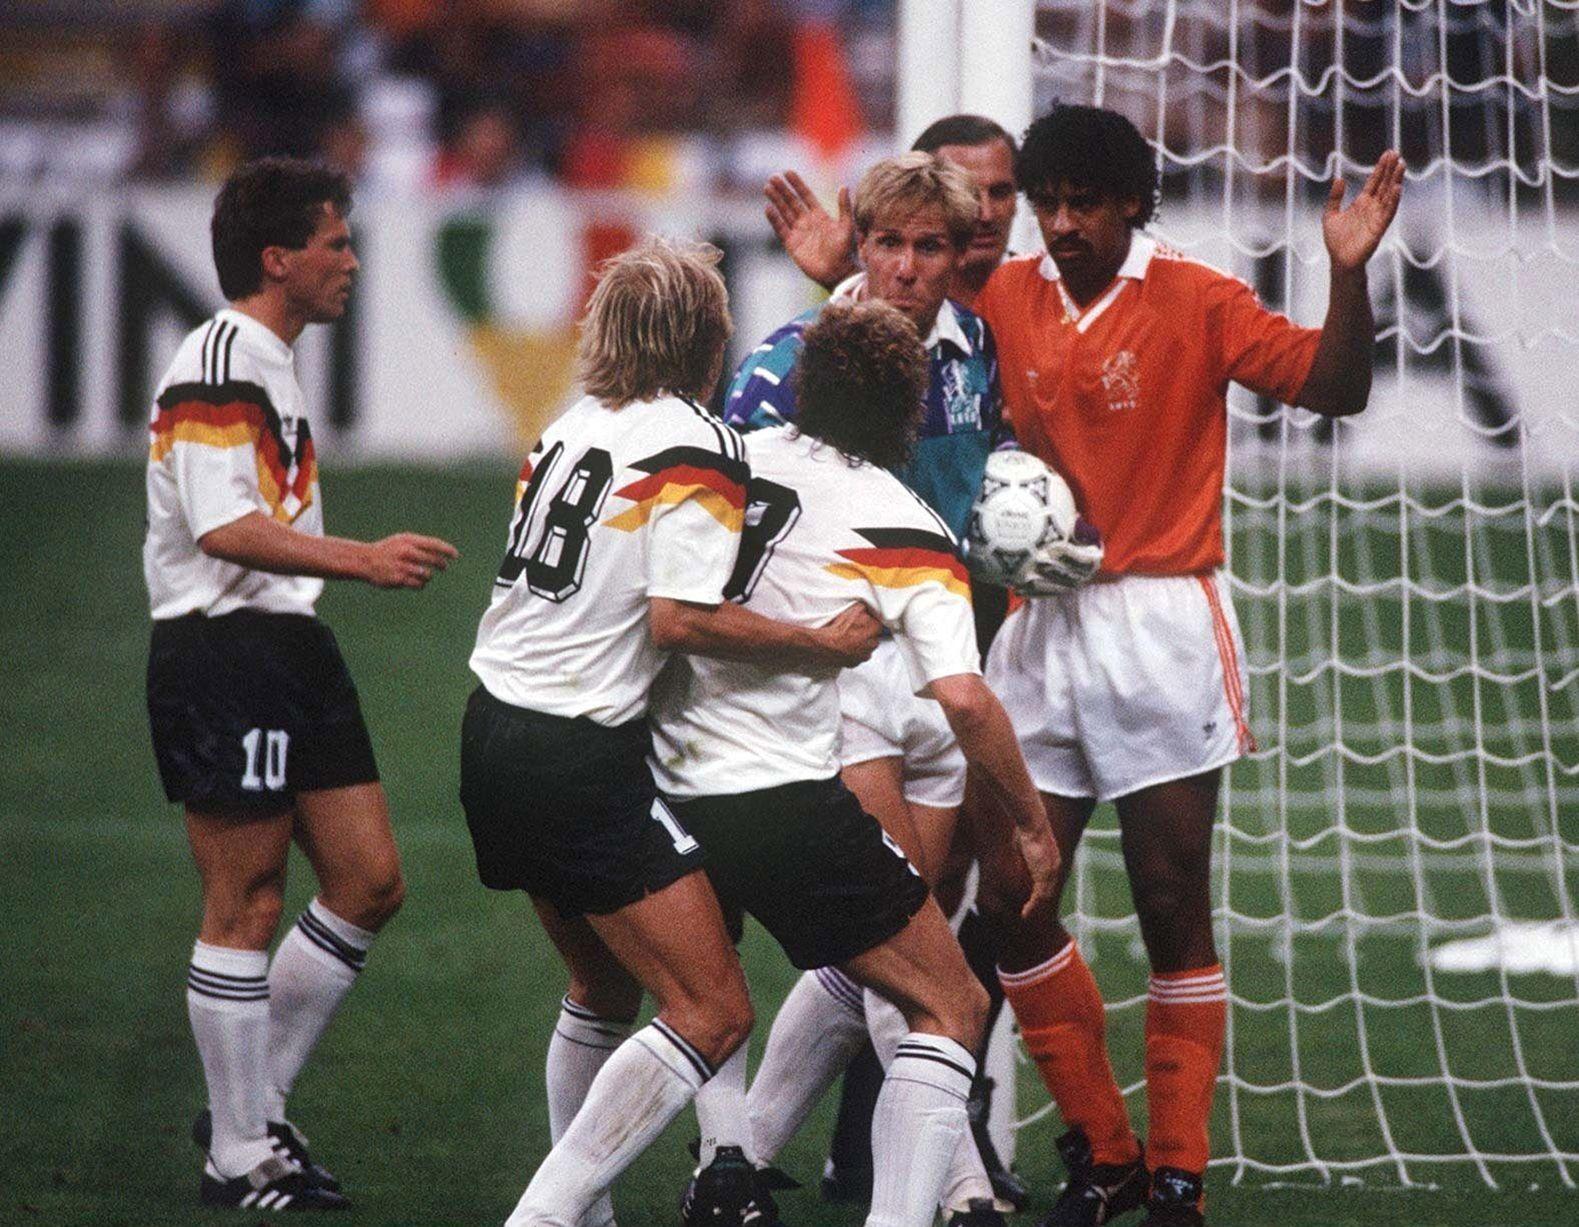 حرکتی شنیع در فوتبال یادآور جام جهانی 90 + تصاویر